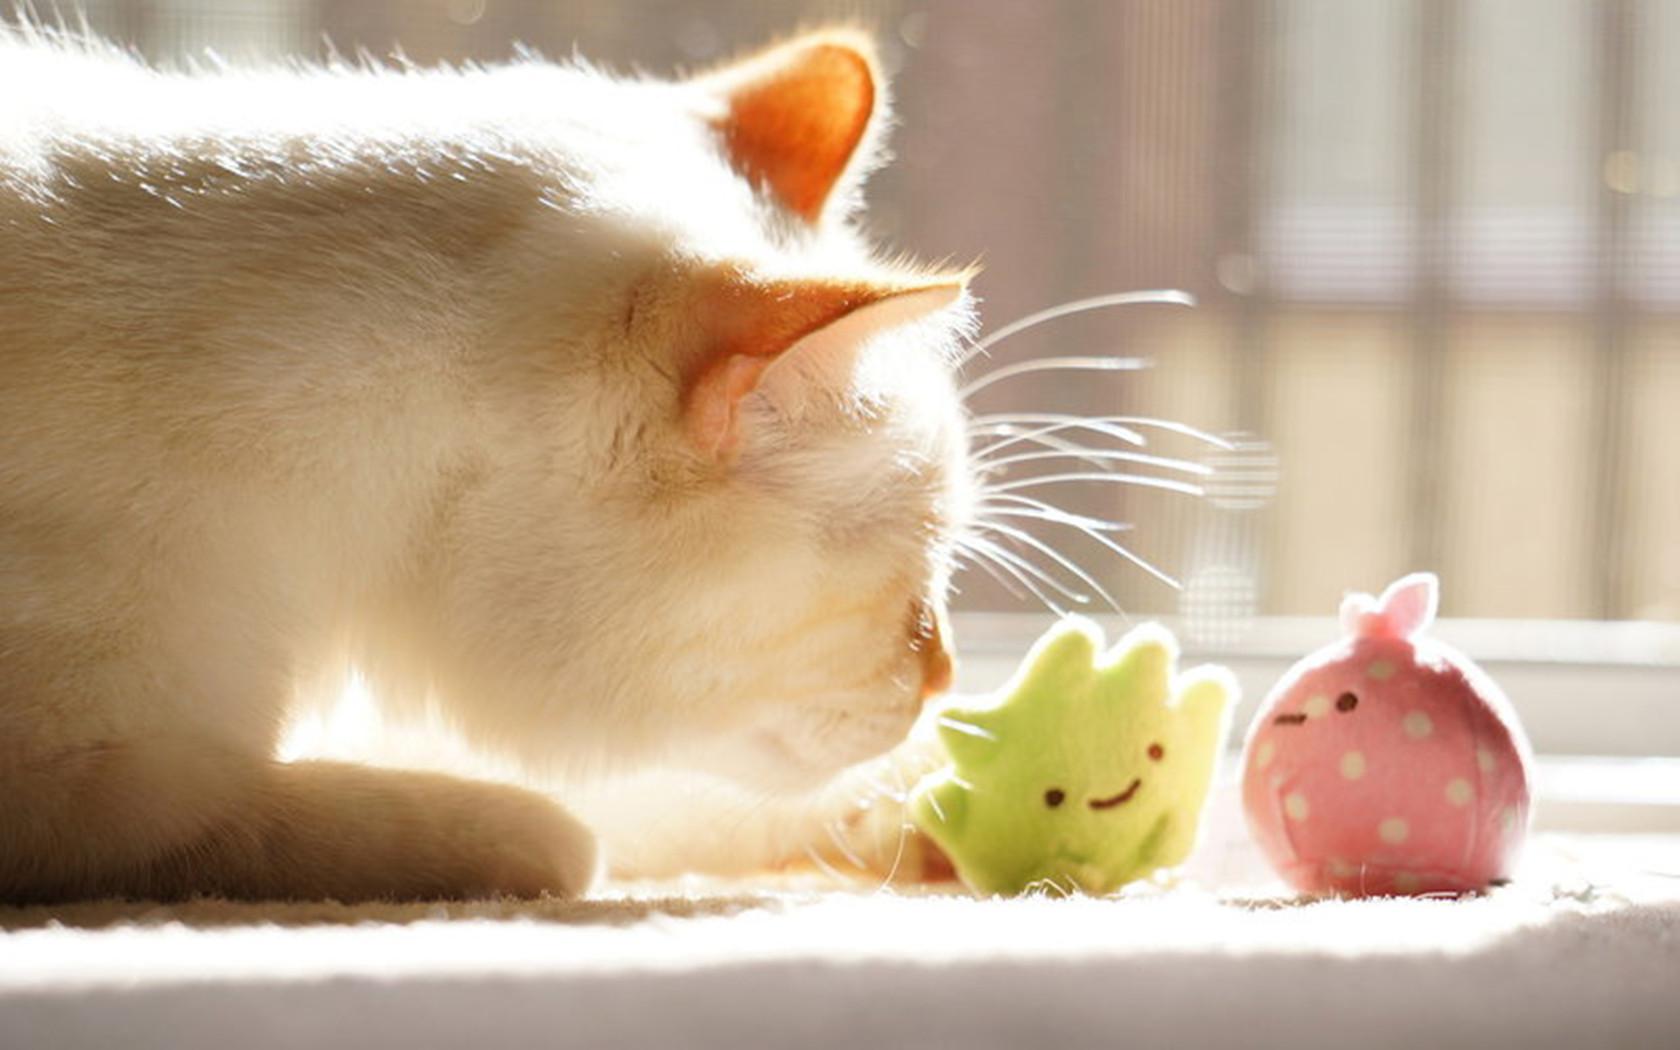 可爱摆件创意摄影唯美猫ppt背景图片下载